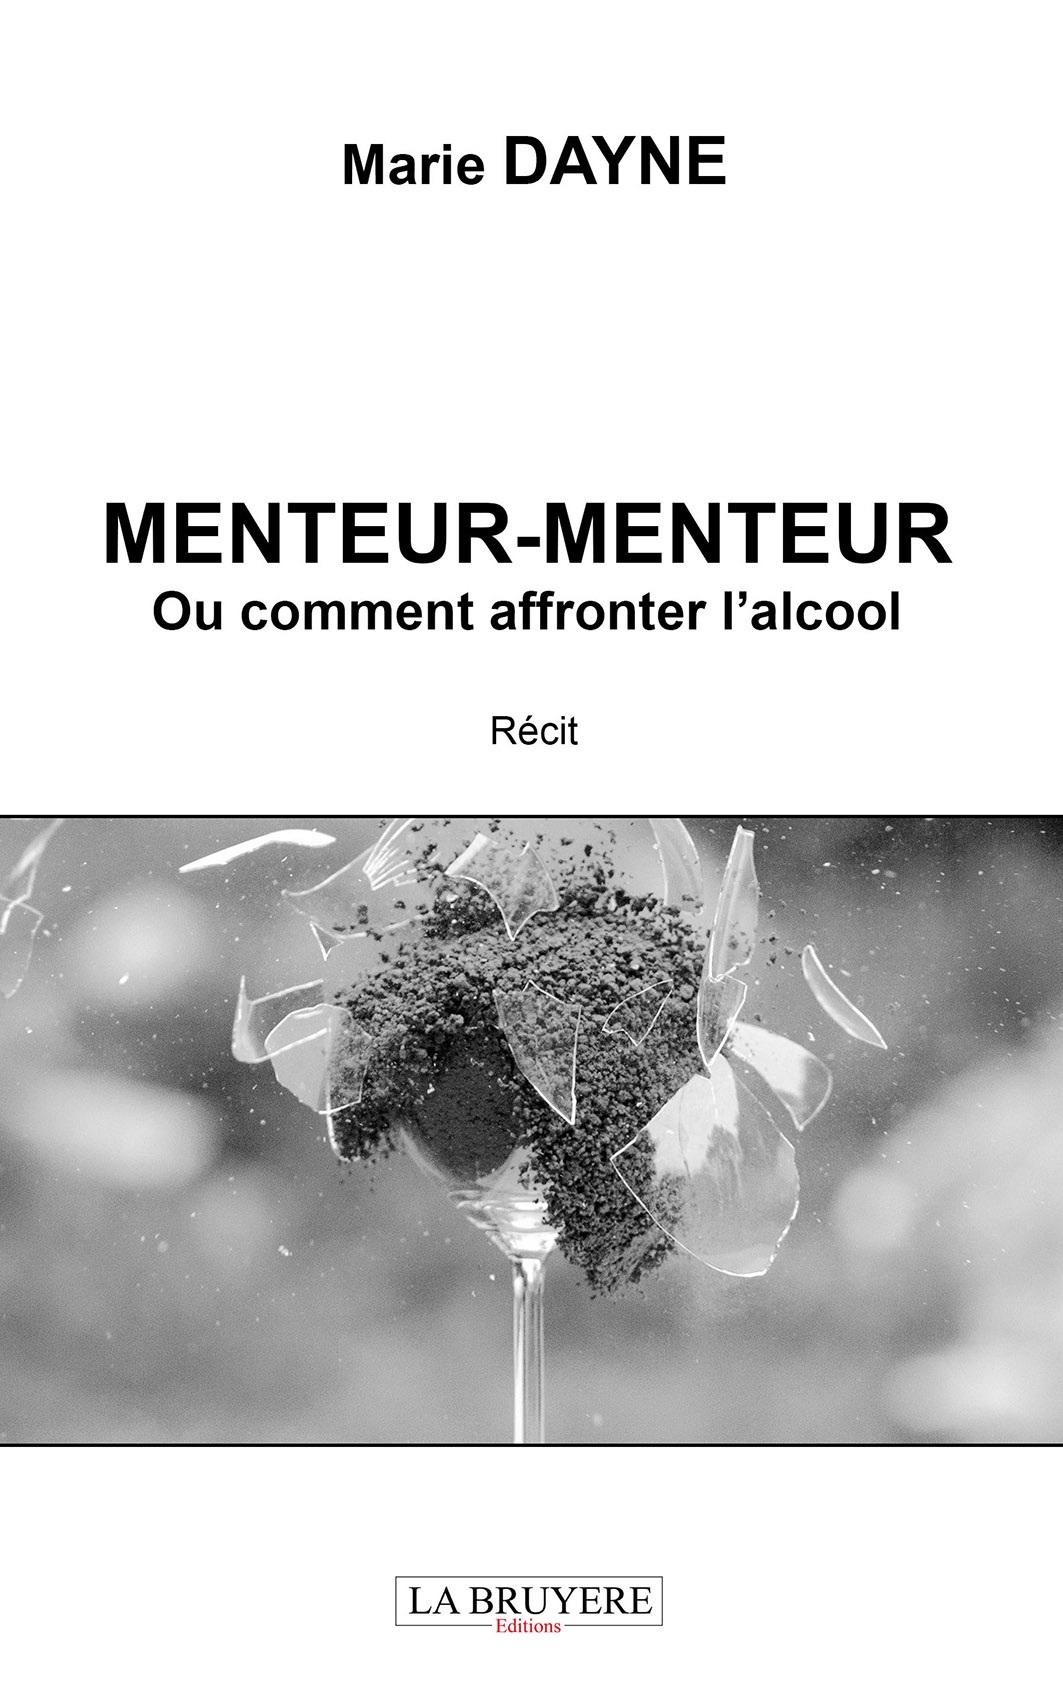 MENTEUR-MENTEUR OU COMMENT AFFRONTER L'ALCOOL